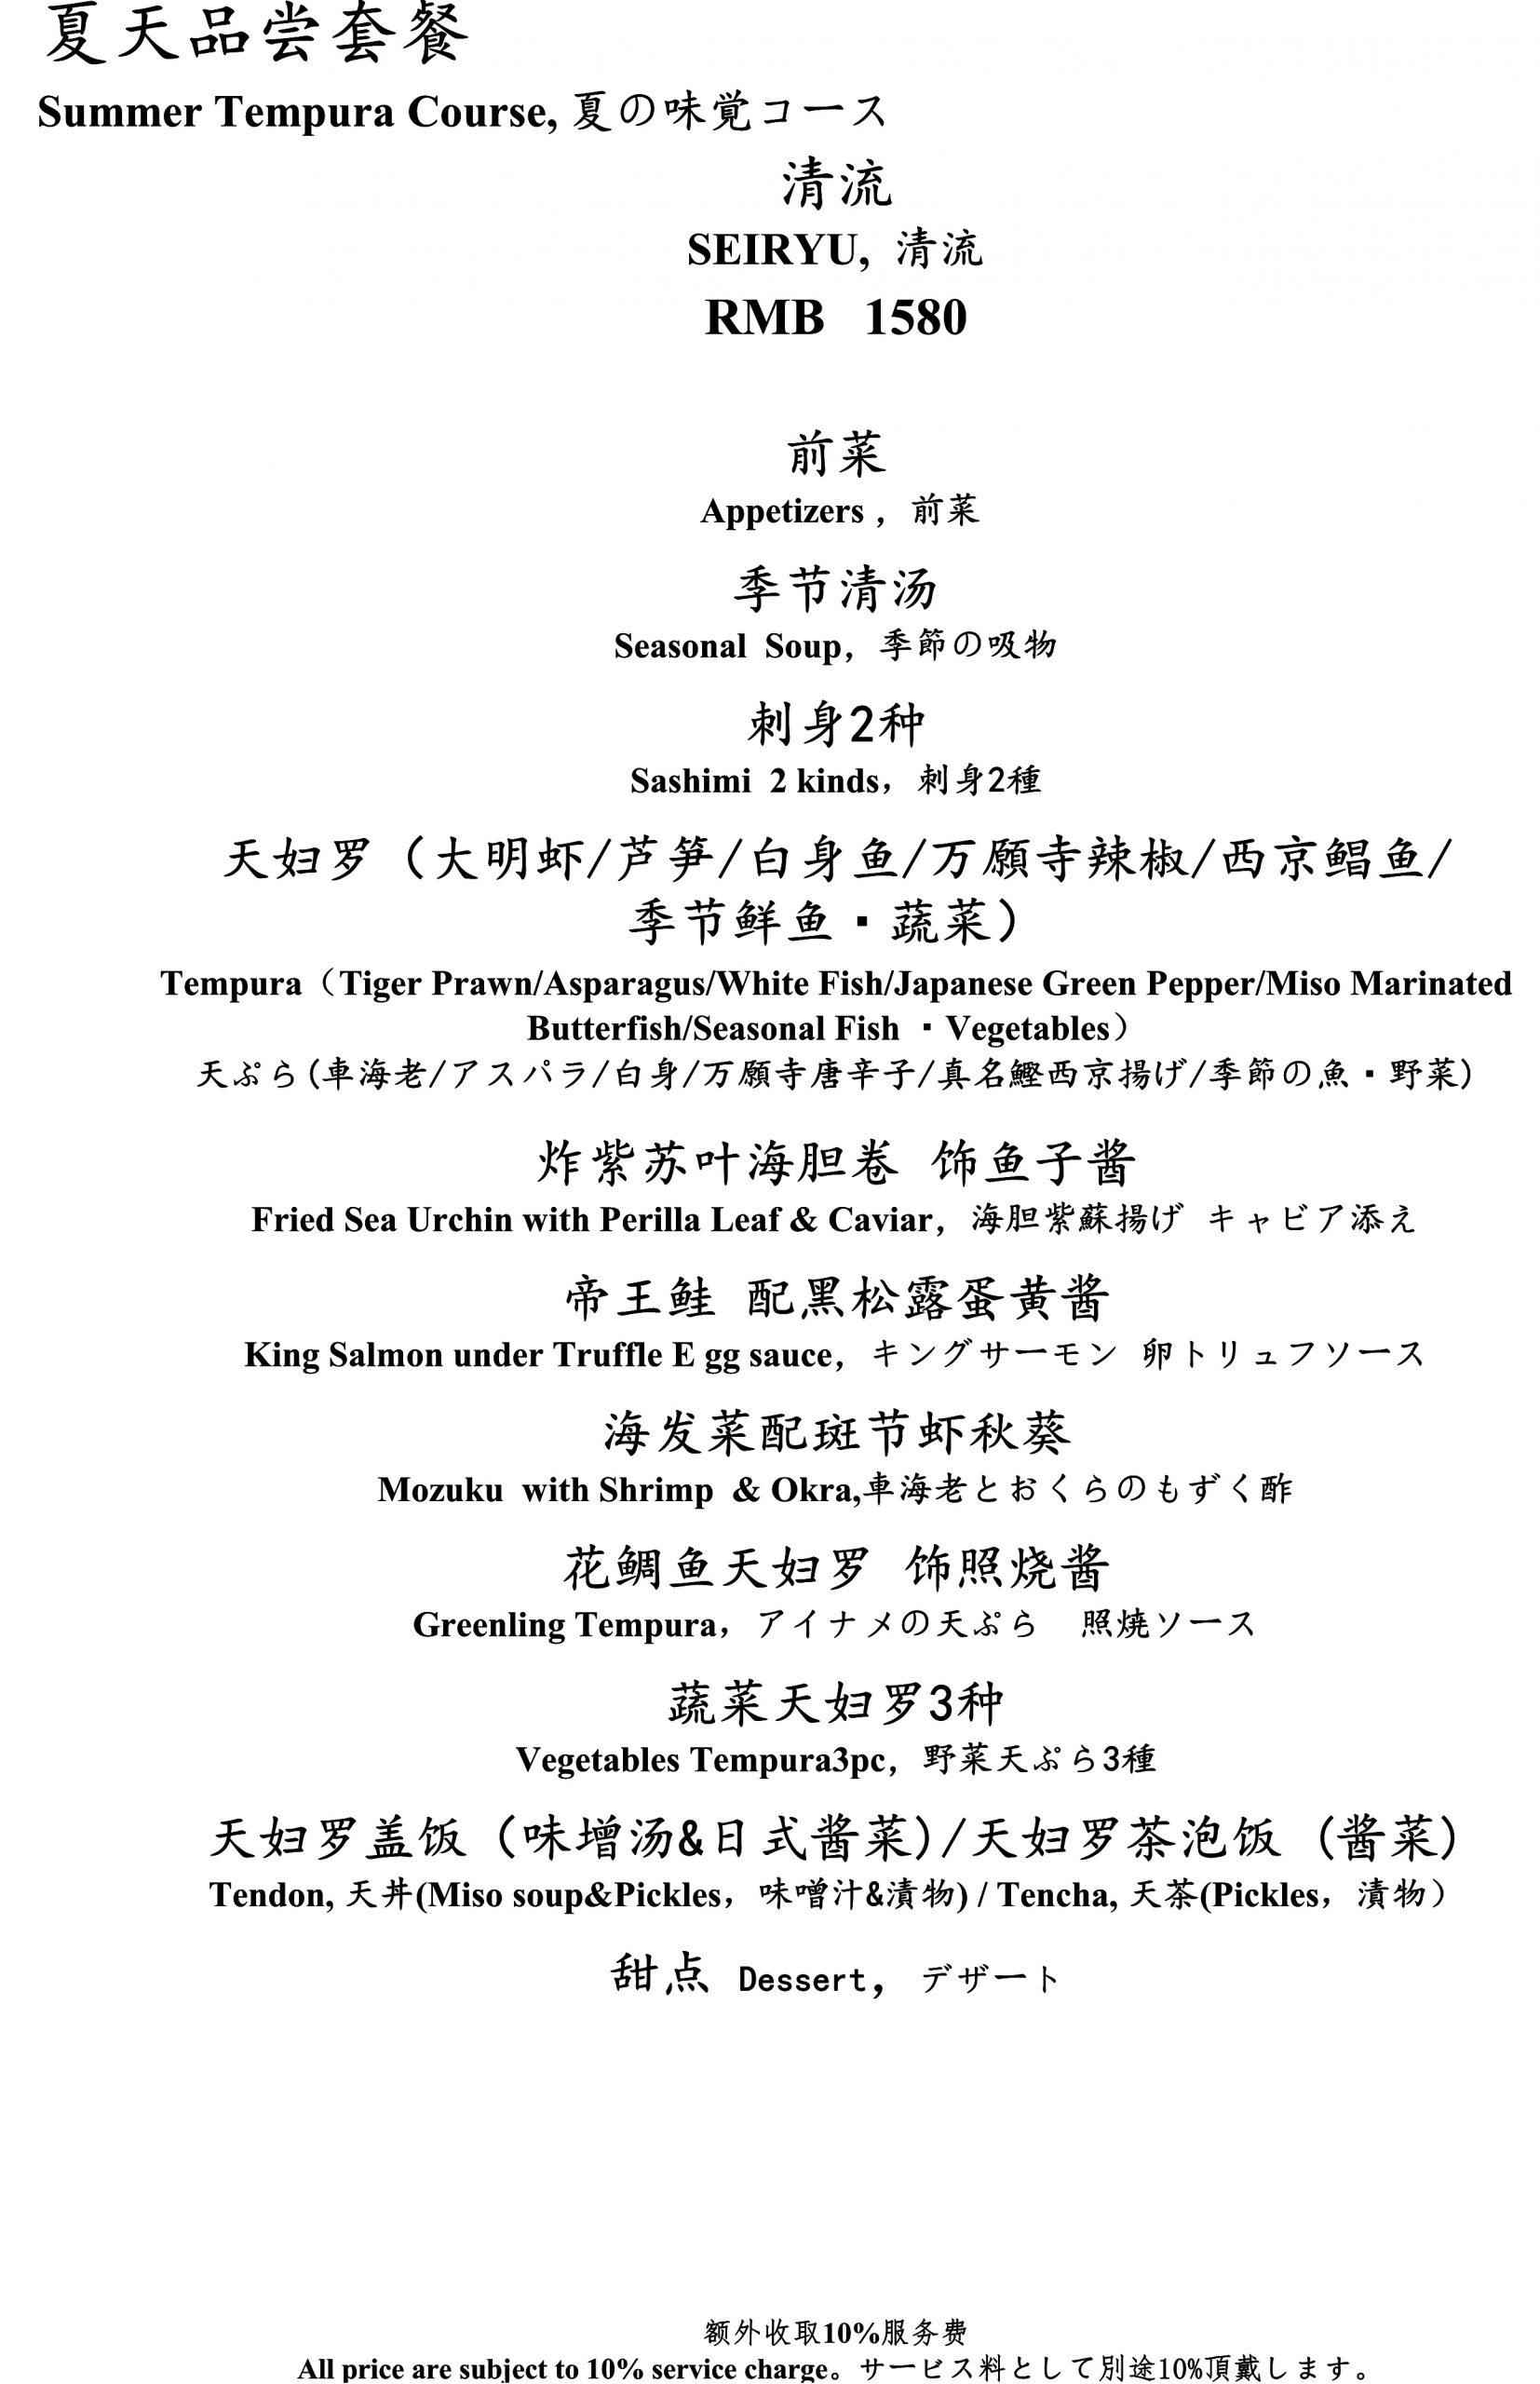 天ぷら [上海店] ディナーメニュー3